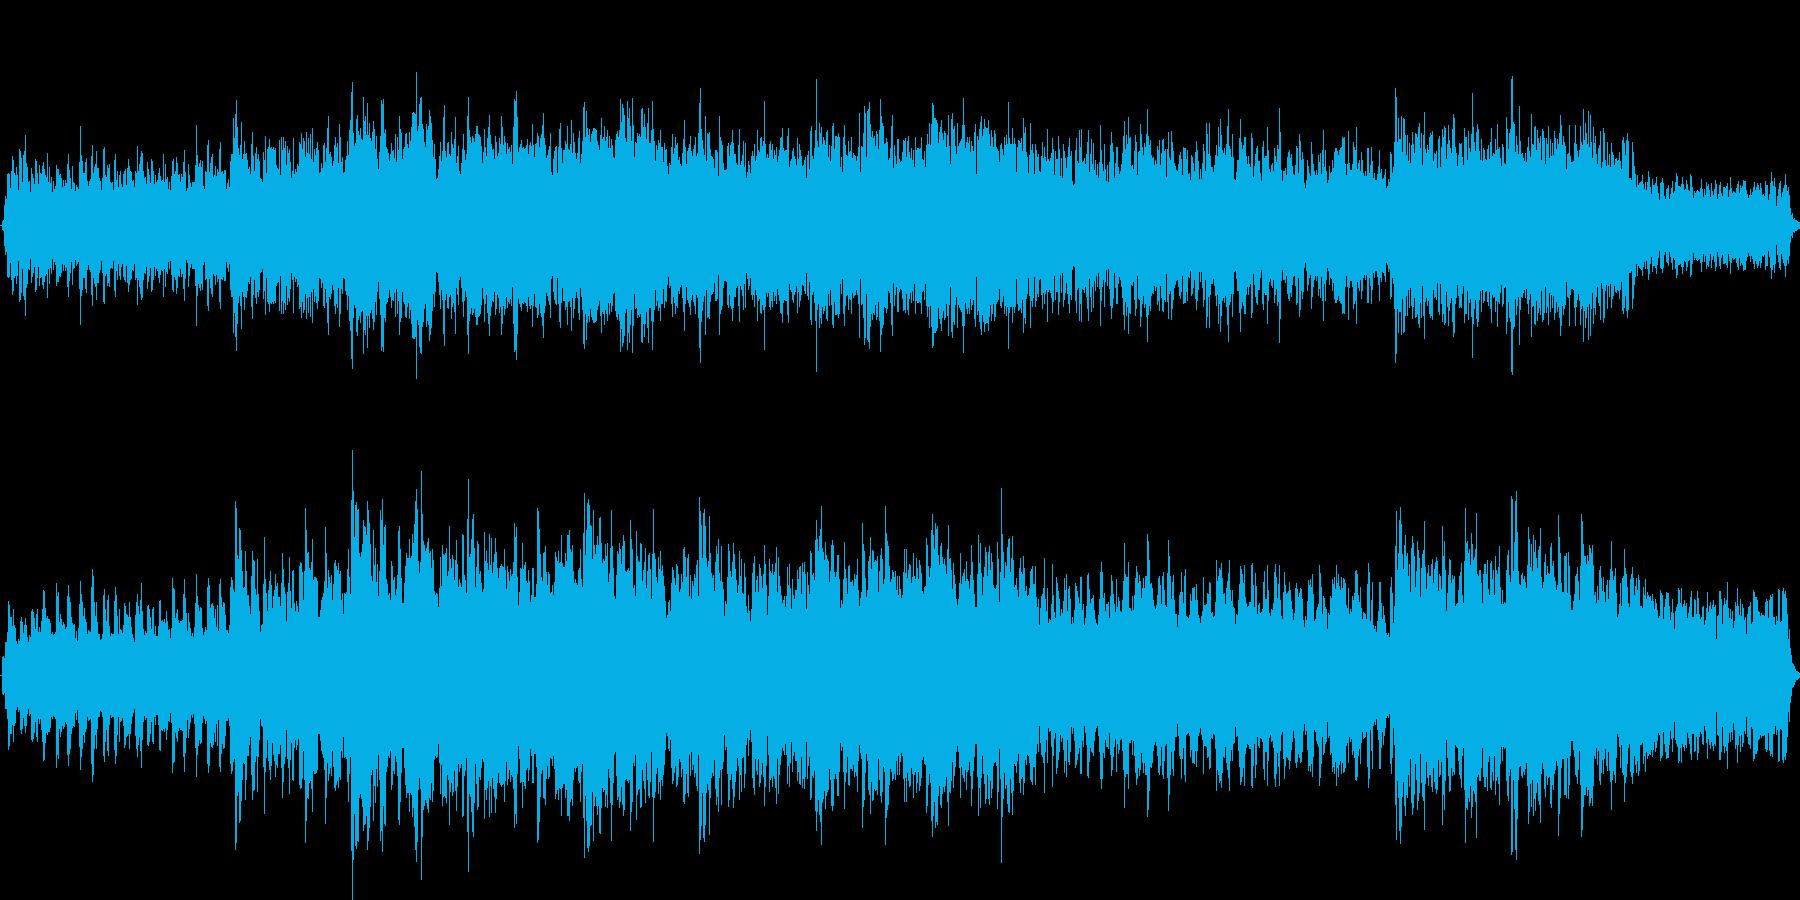 美しい歌声の響く優しく幻想的なヒーリングの再生済みの波形